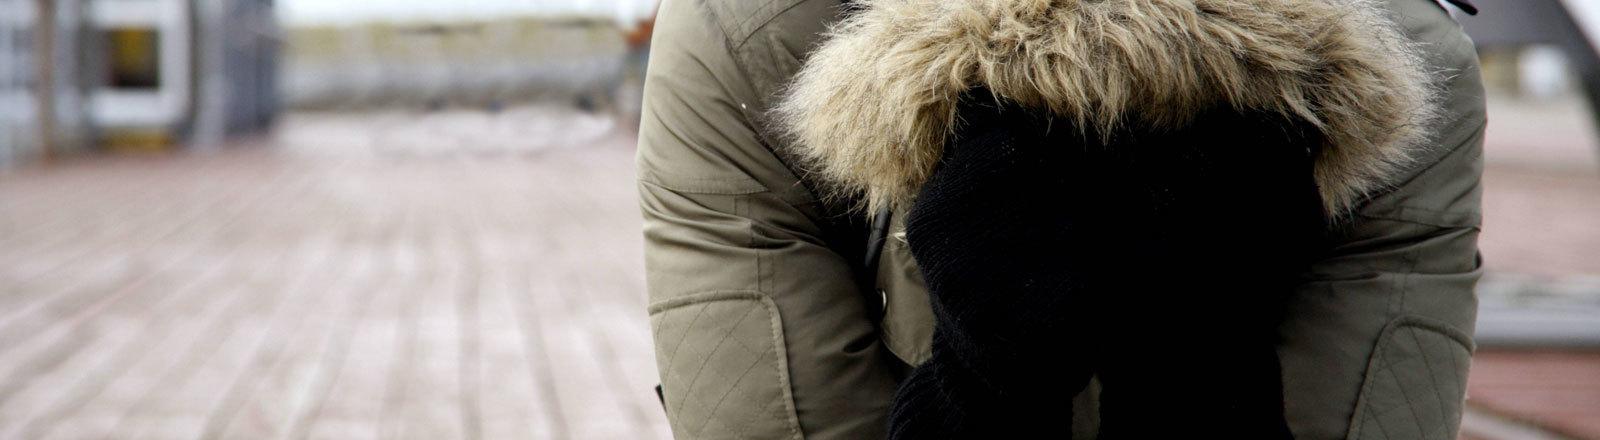 Verzweifelte Frau mit Kapuze über dem Kopf verdeckt das Gesicht hinter ihren Händen